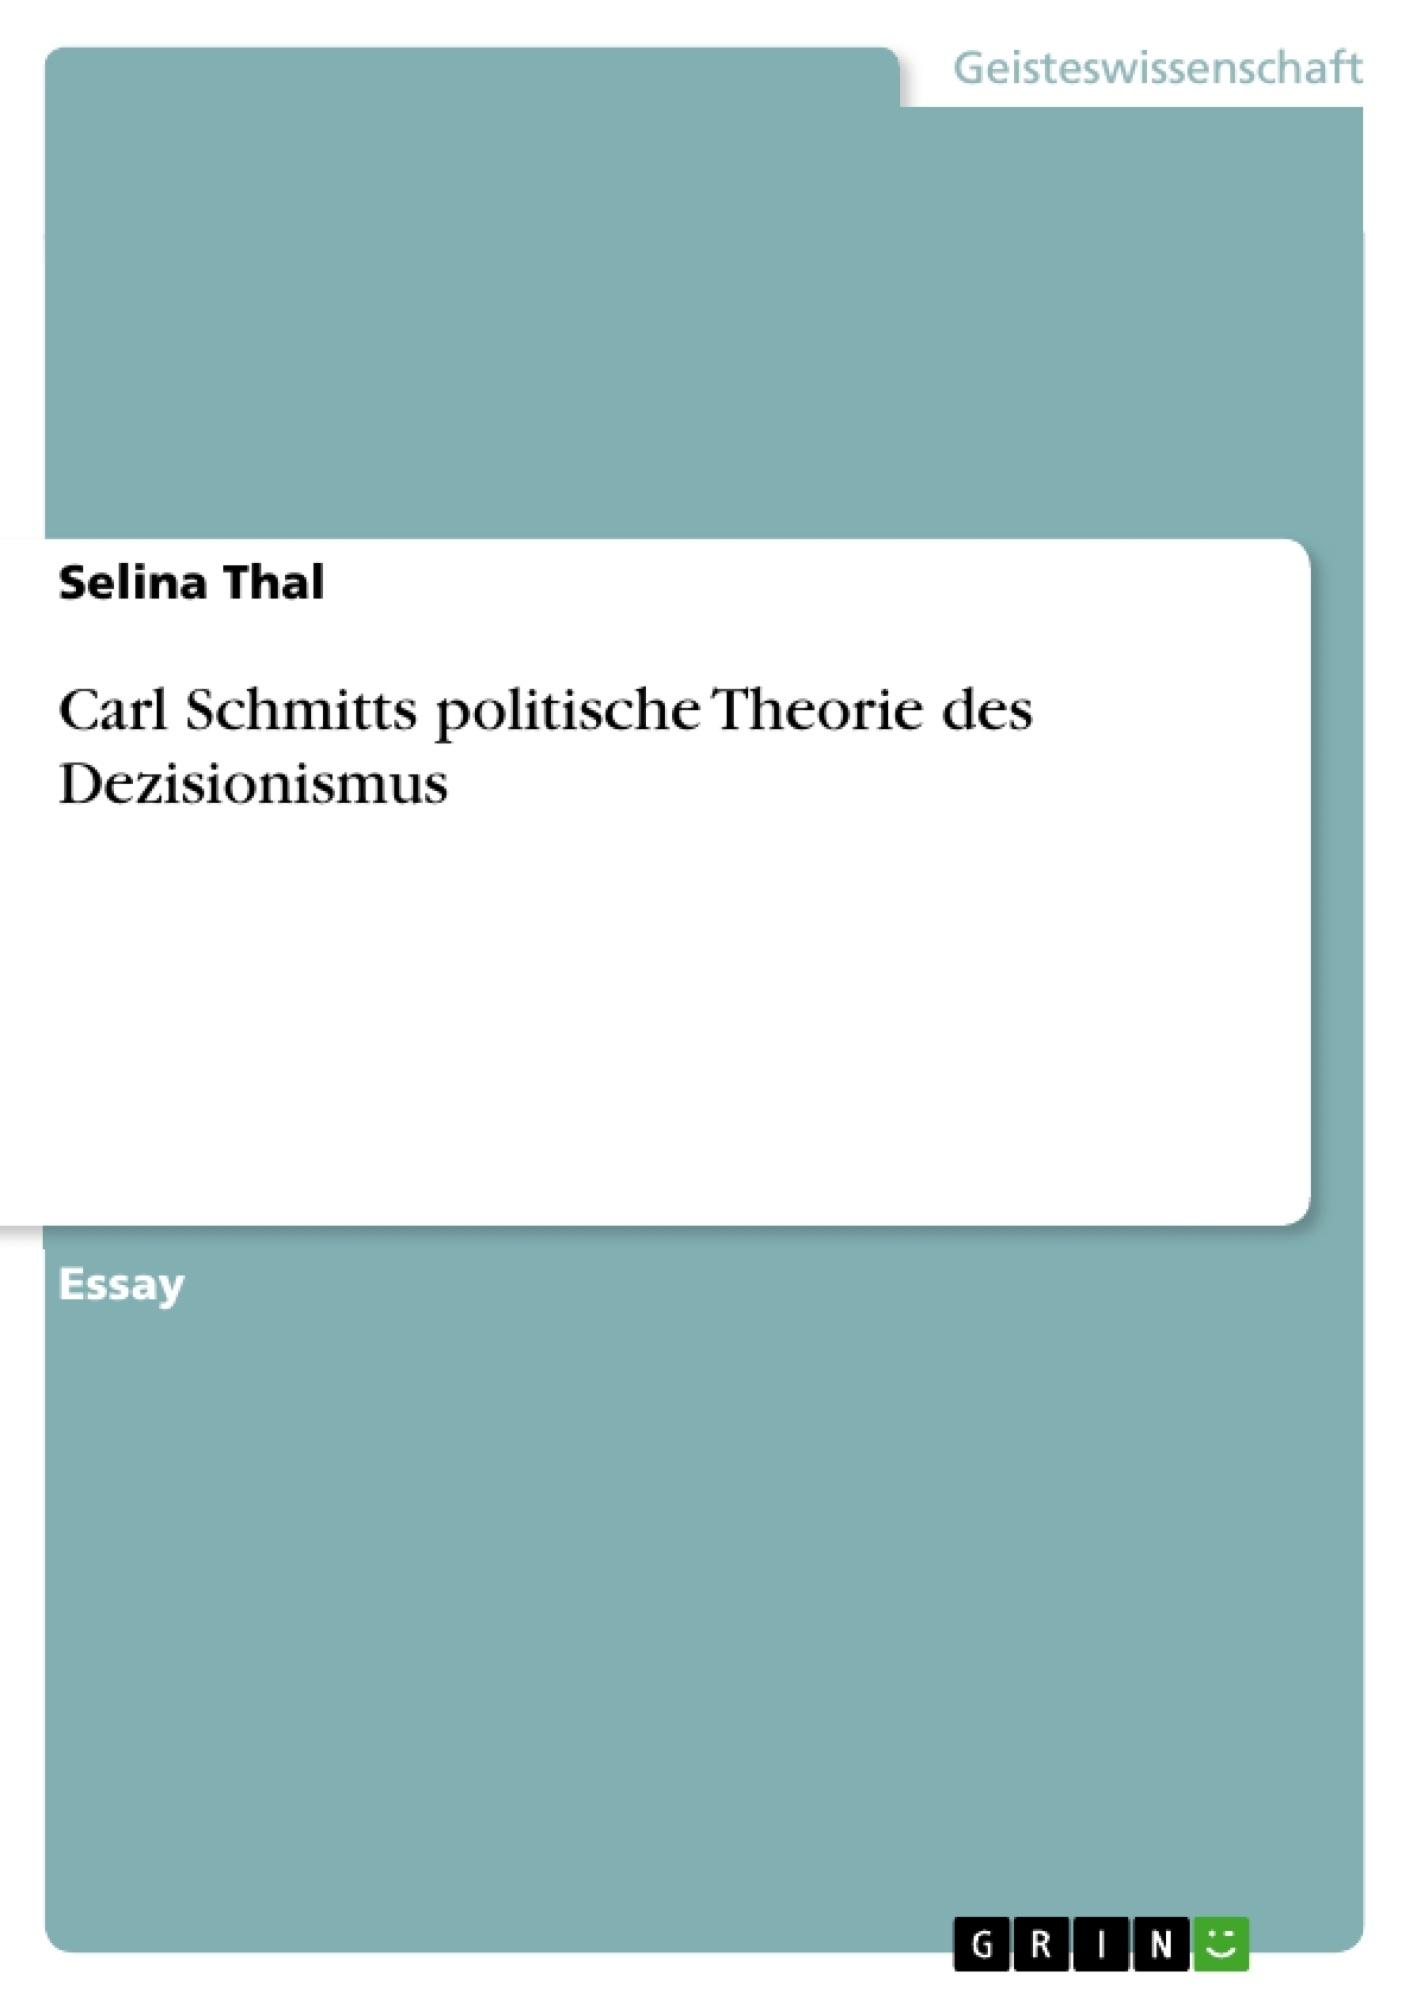 Titel: Carl Schmitts politische Theorie des Dezisionismus